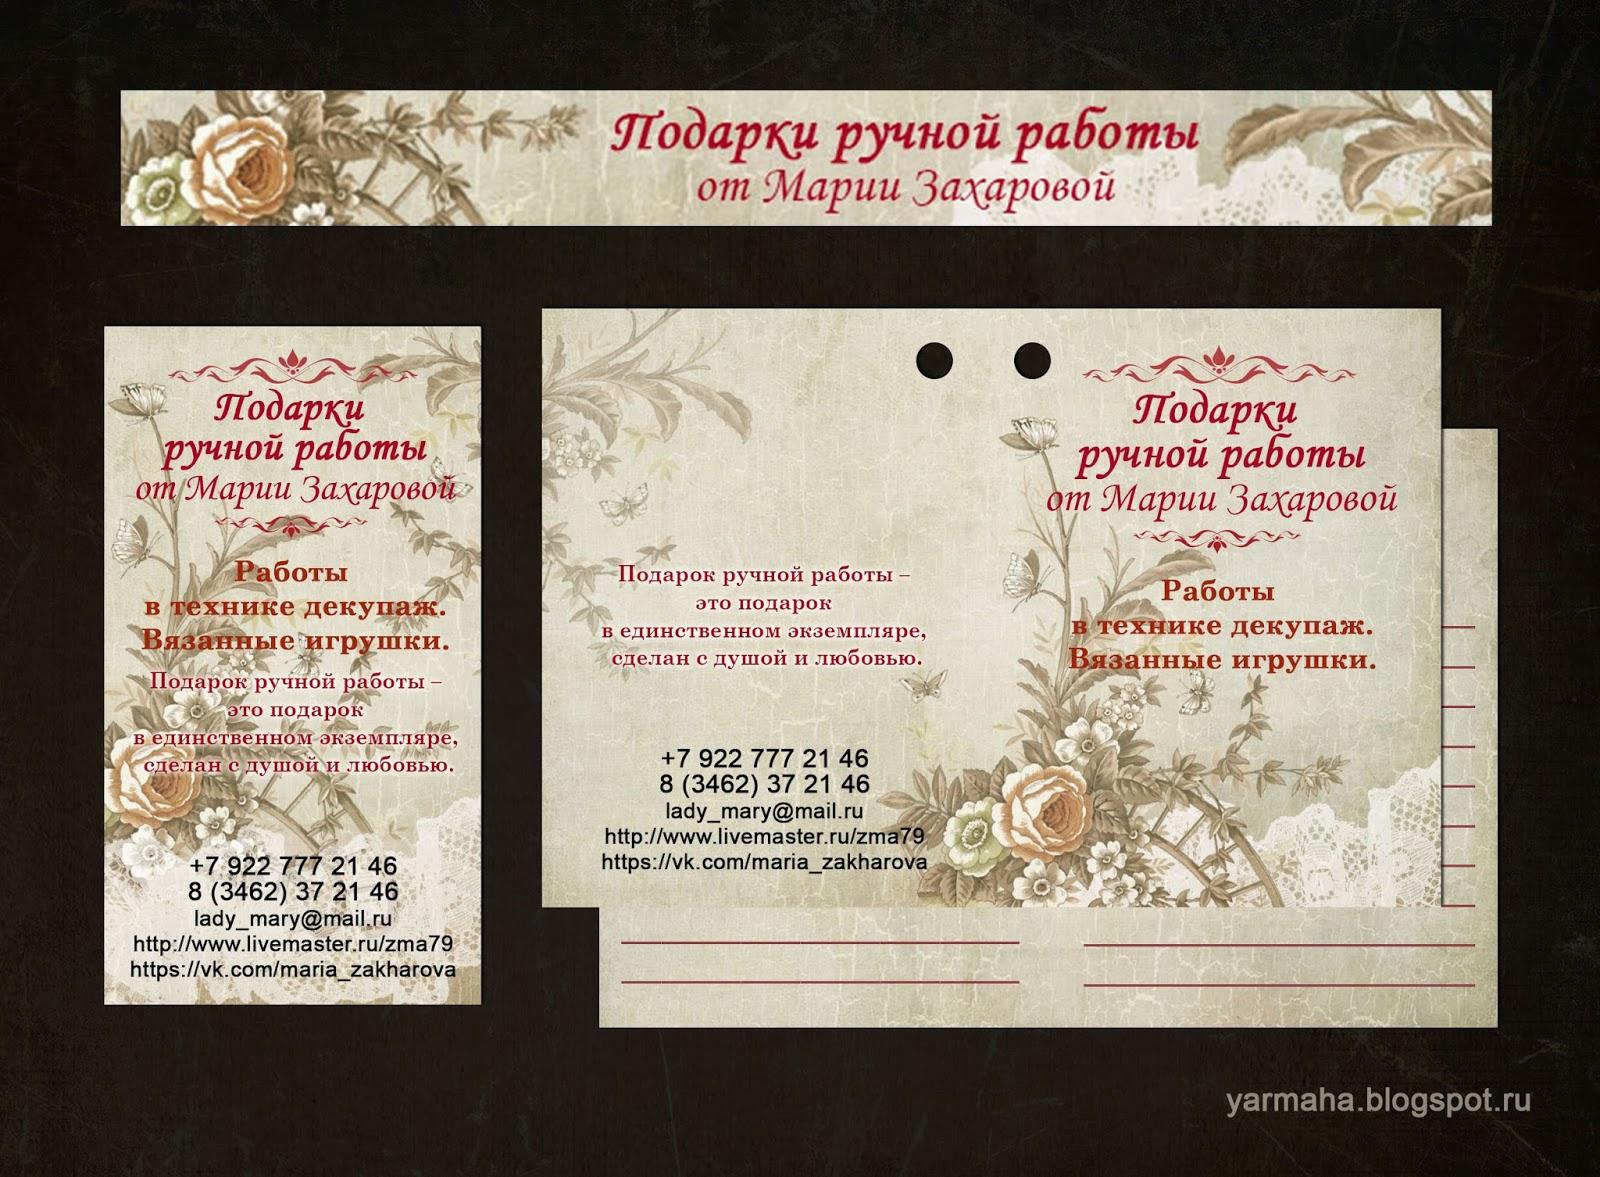 Онлайн редактор визиток (конструктор визиток). Создать 97